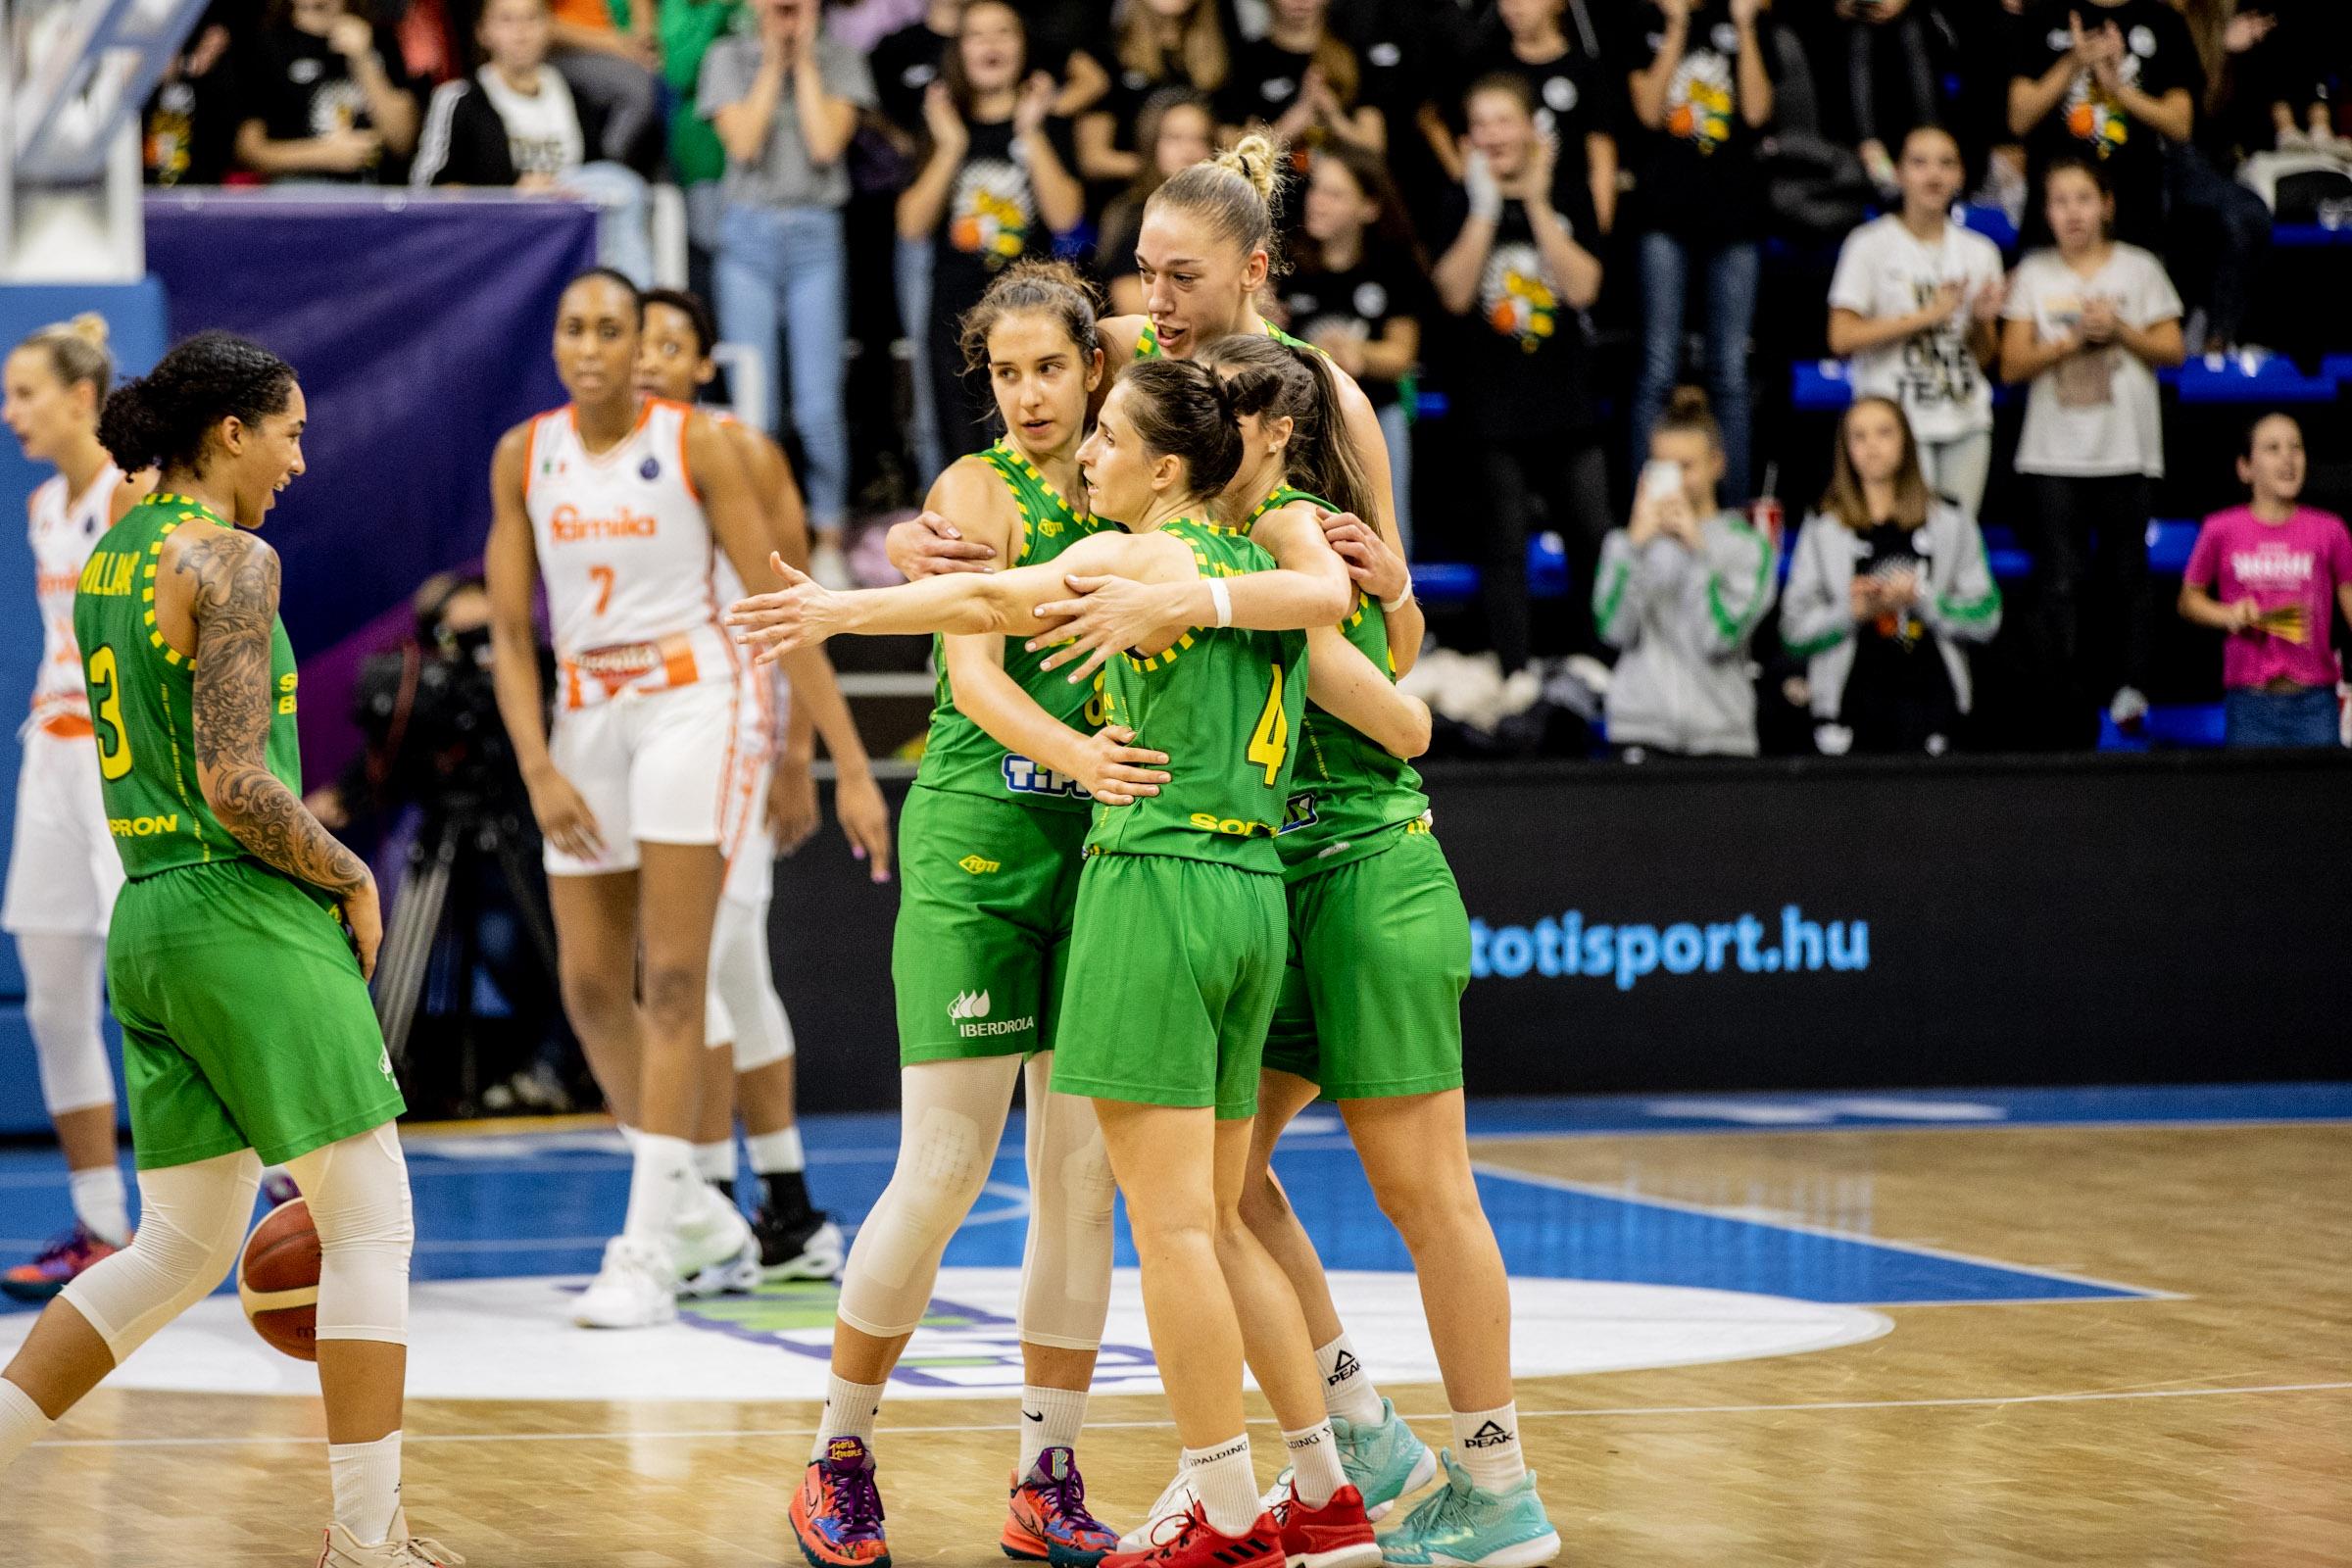 Ha Isztambulban is nyer a Sopron Basket, akkor tényleg nincs lehetetlen